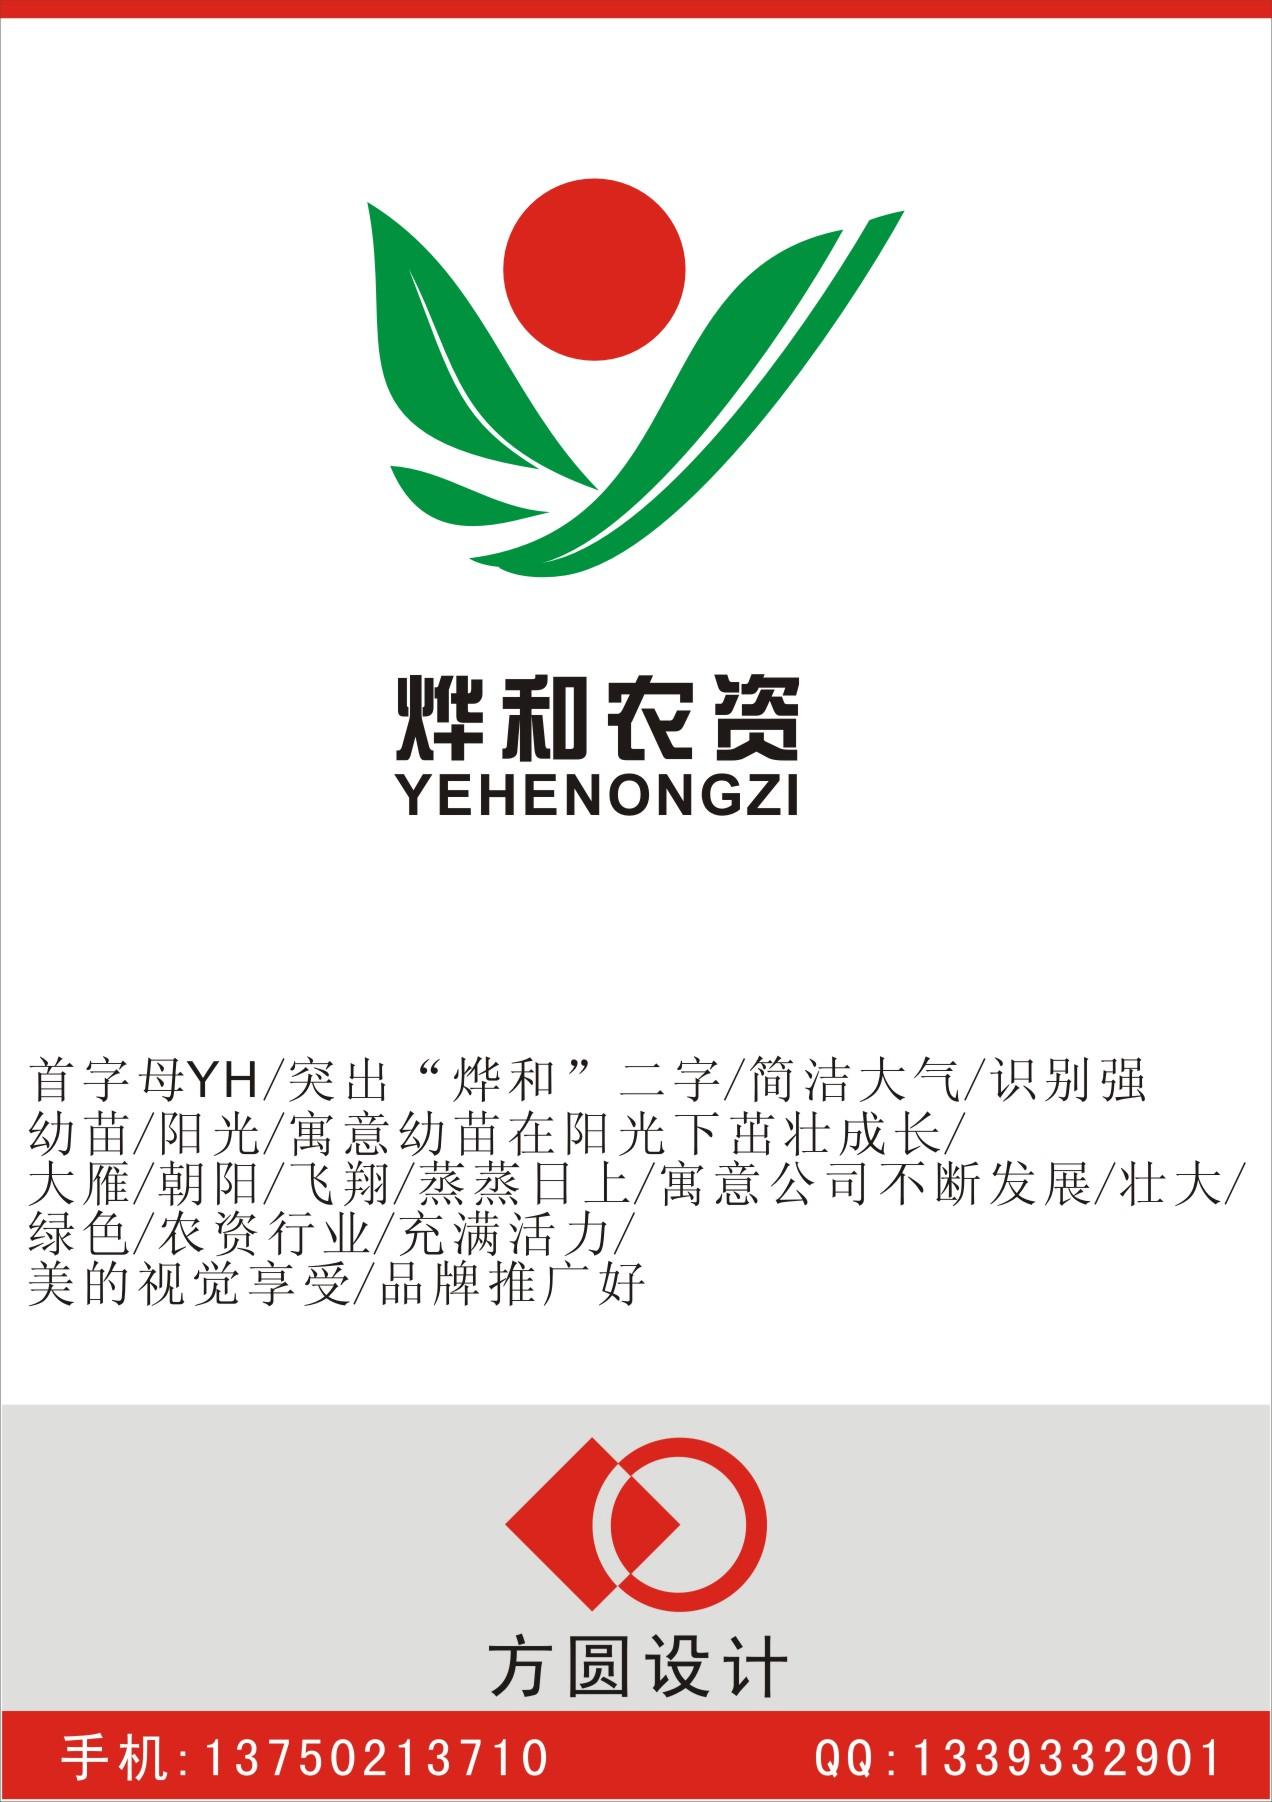 方圆视觉稿件_设计农资公司logo_k68